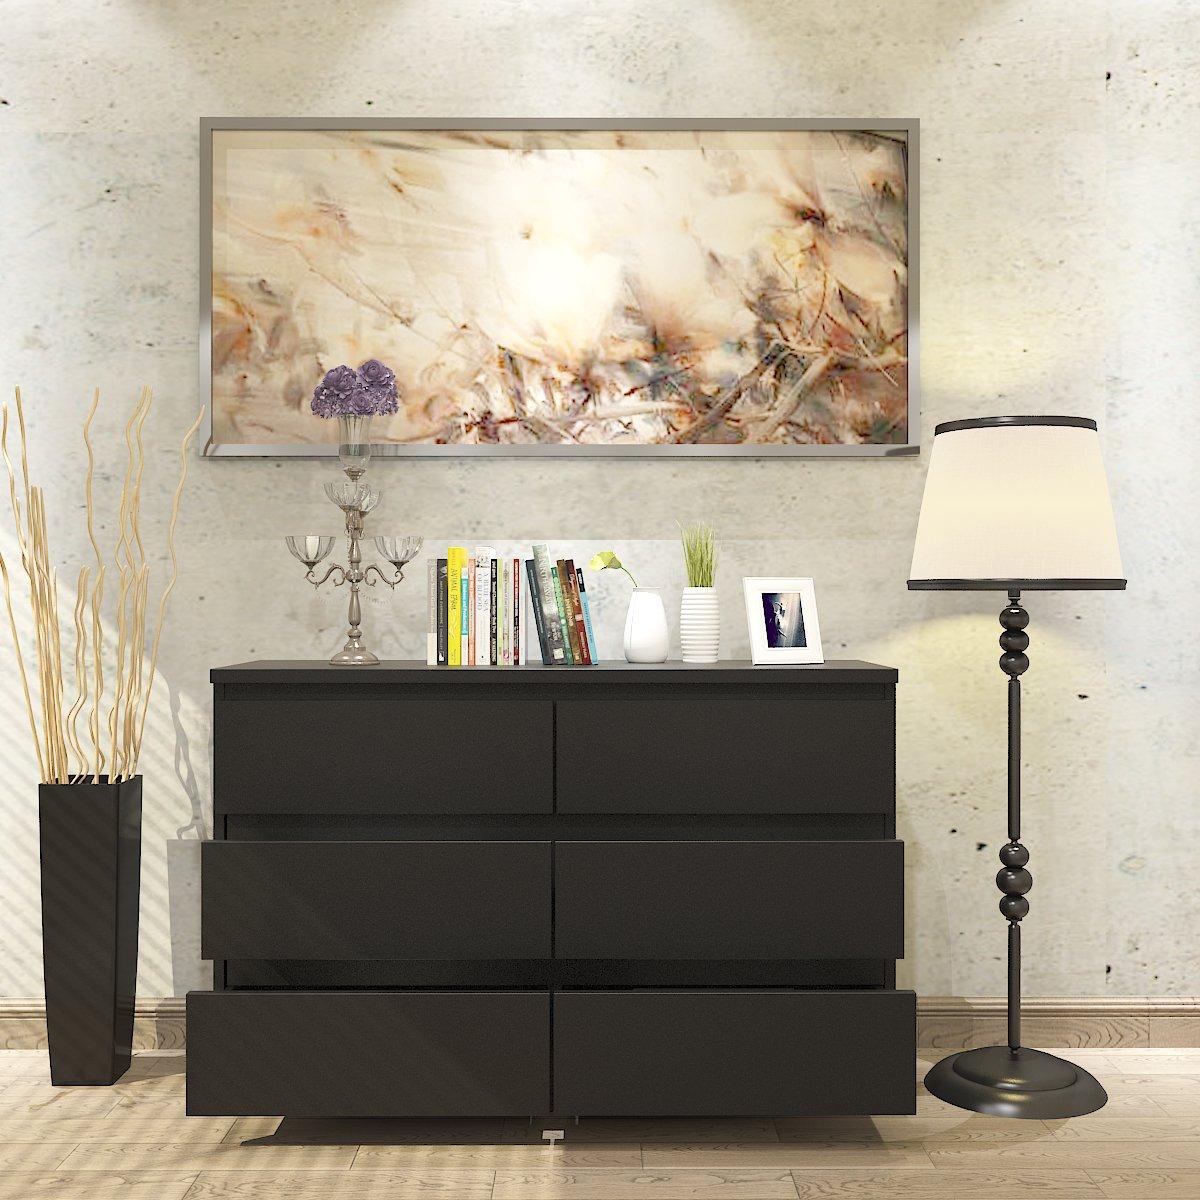 Panana Kommode Sideboards mit 6 Schubladen schwarz Hochglanz 120 x 38 x 78cm